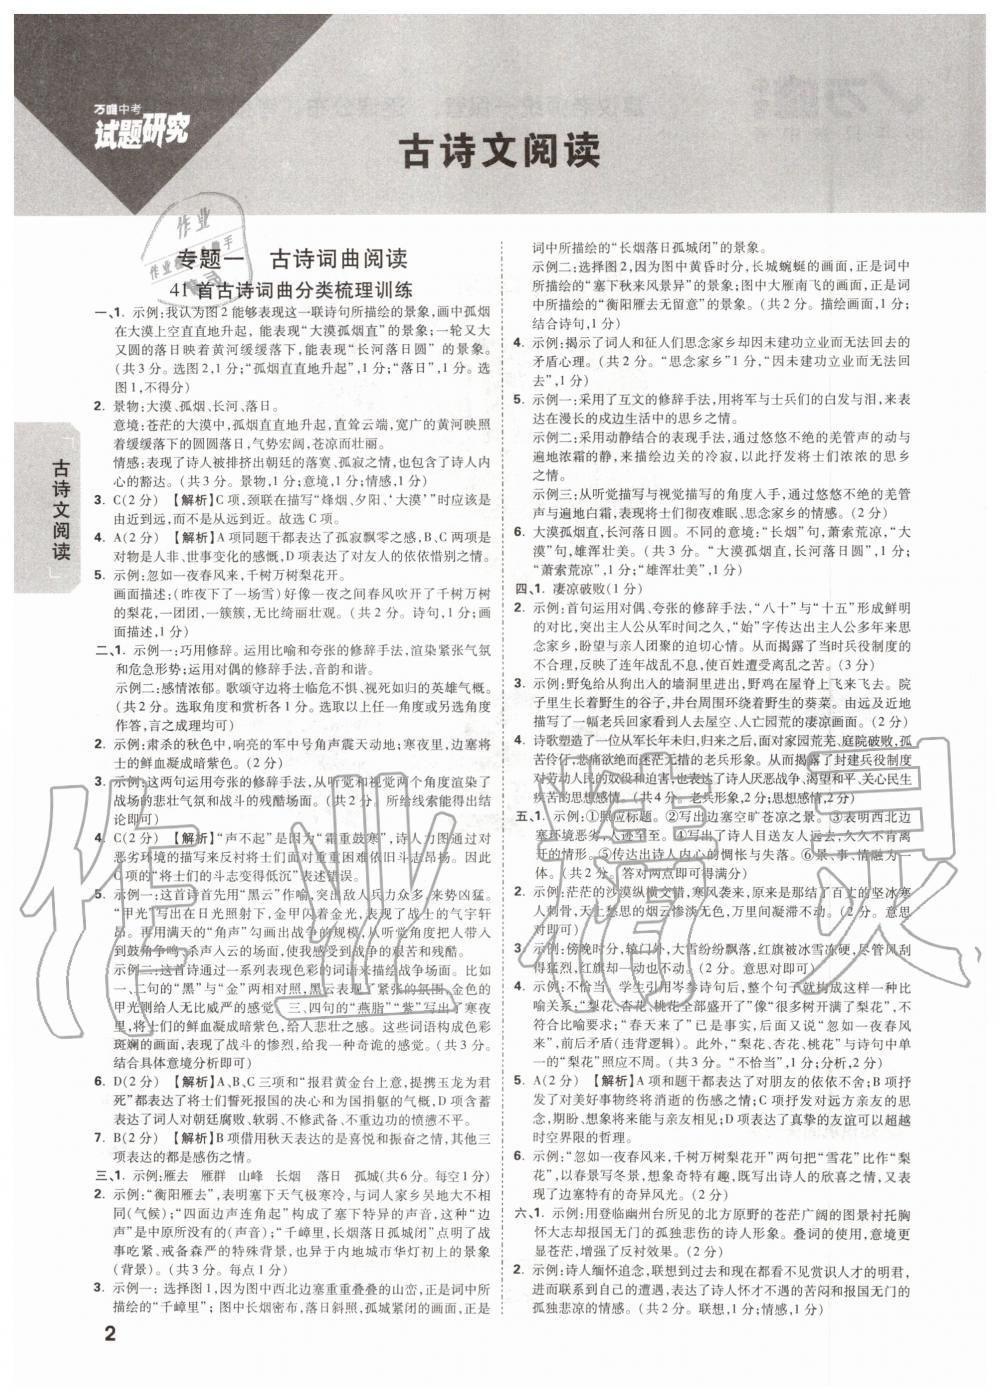 2019年萬唯中考試題研究九年級語文全一冊北京專版第1頁